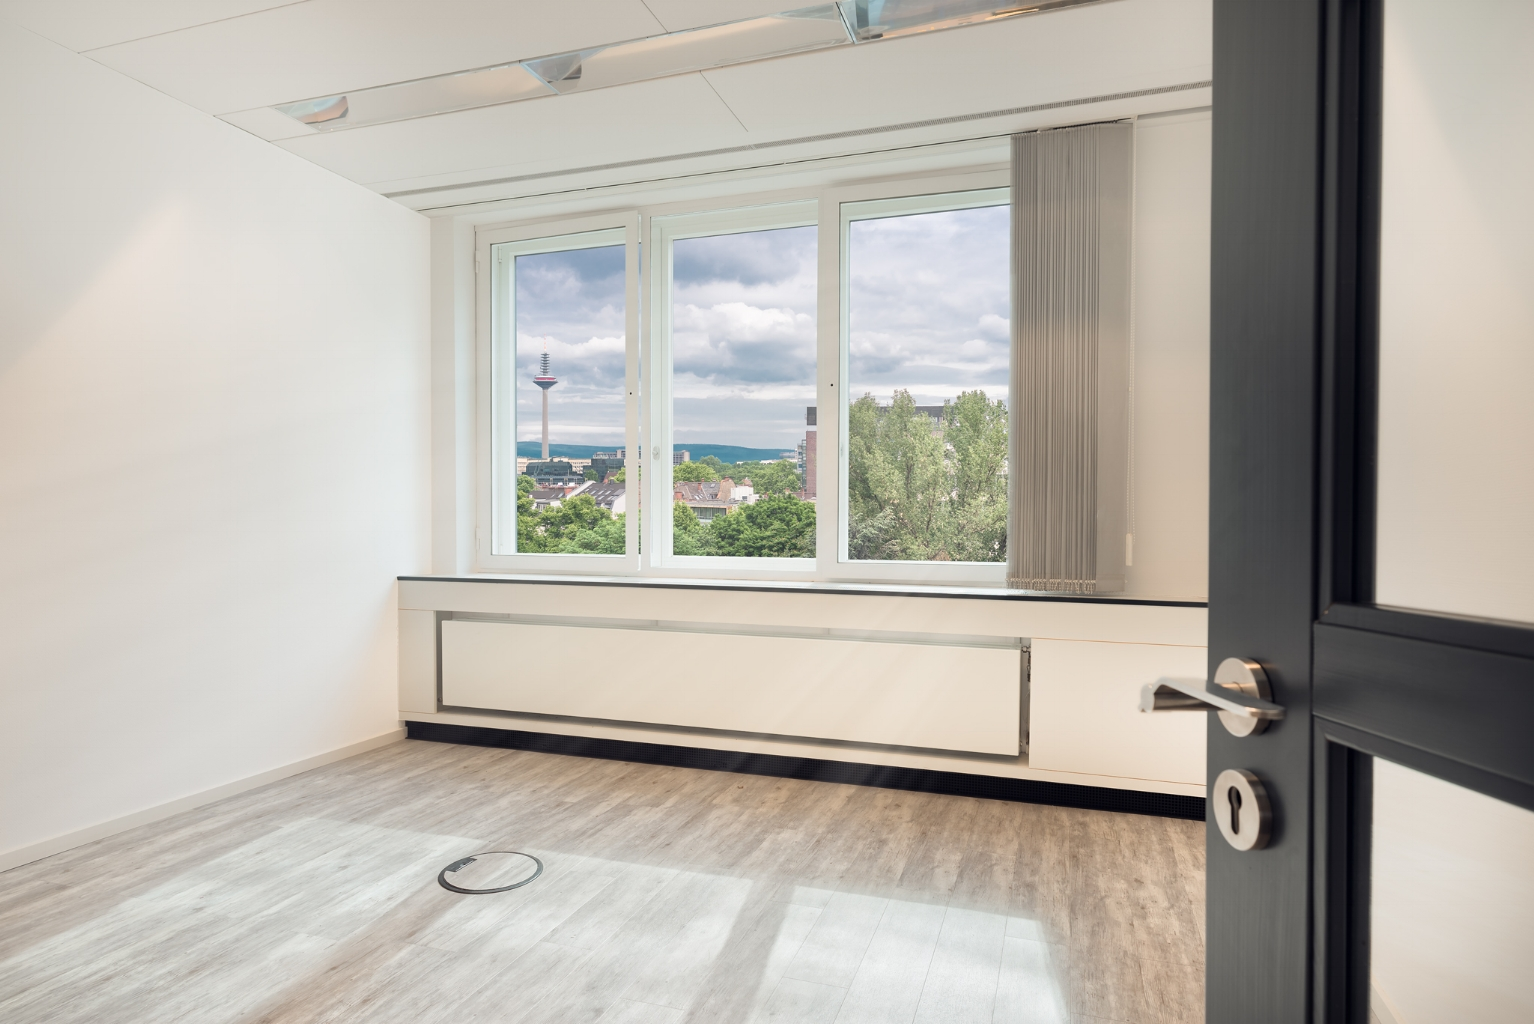 Büro mit Holzboden Blick ins Grüne.jpg